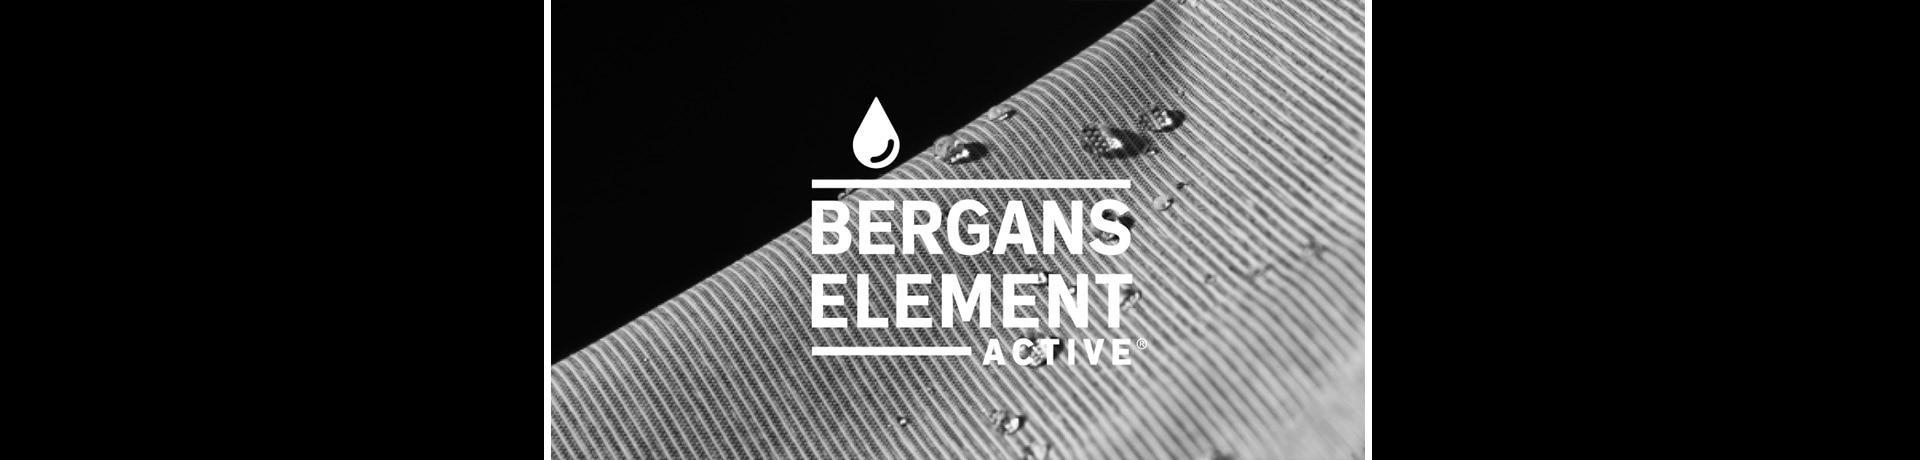 bergans element active